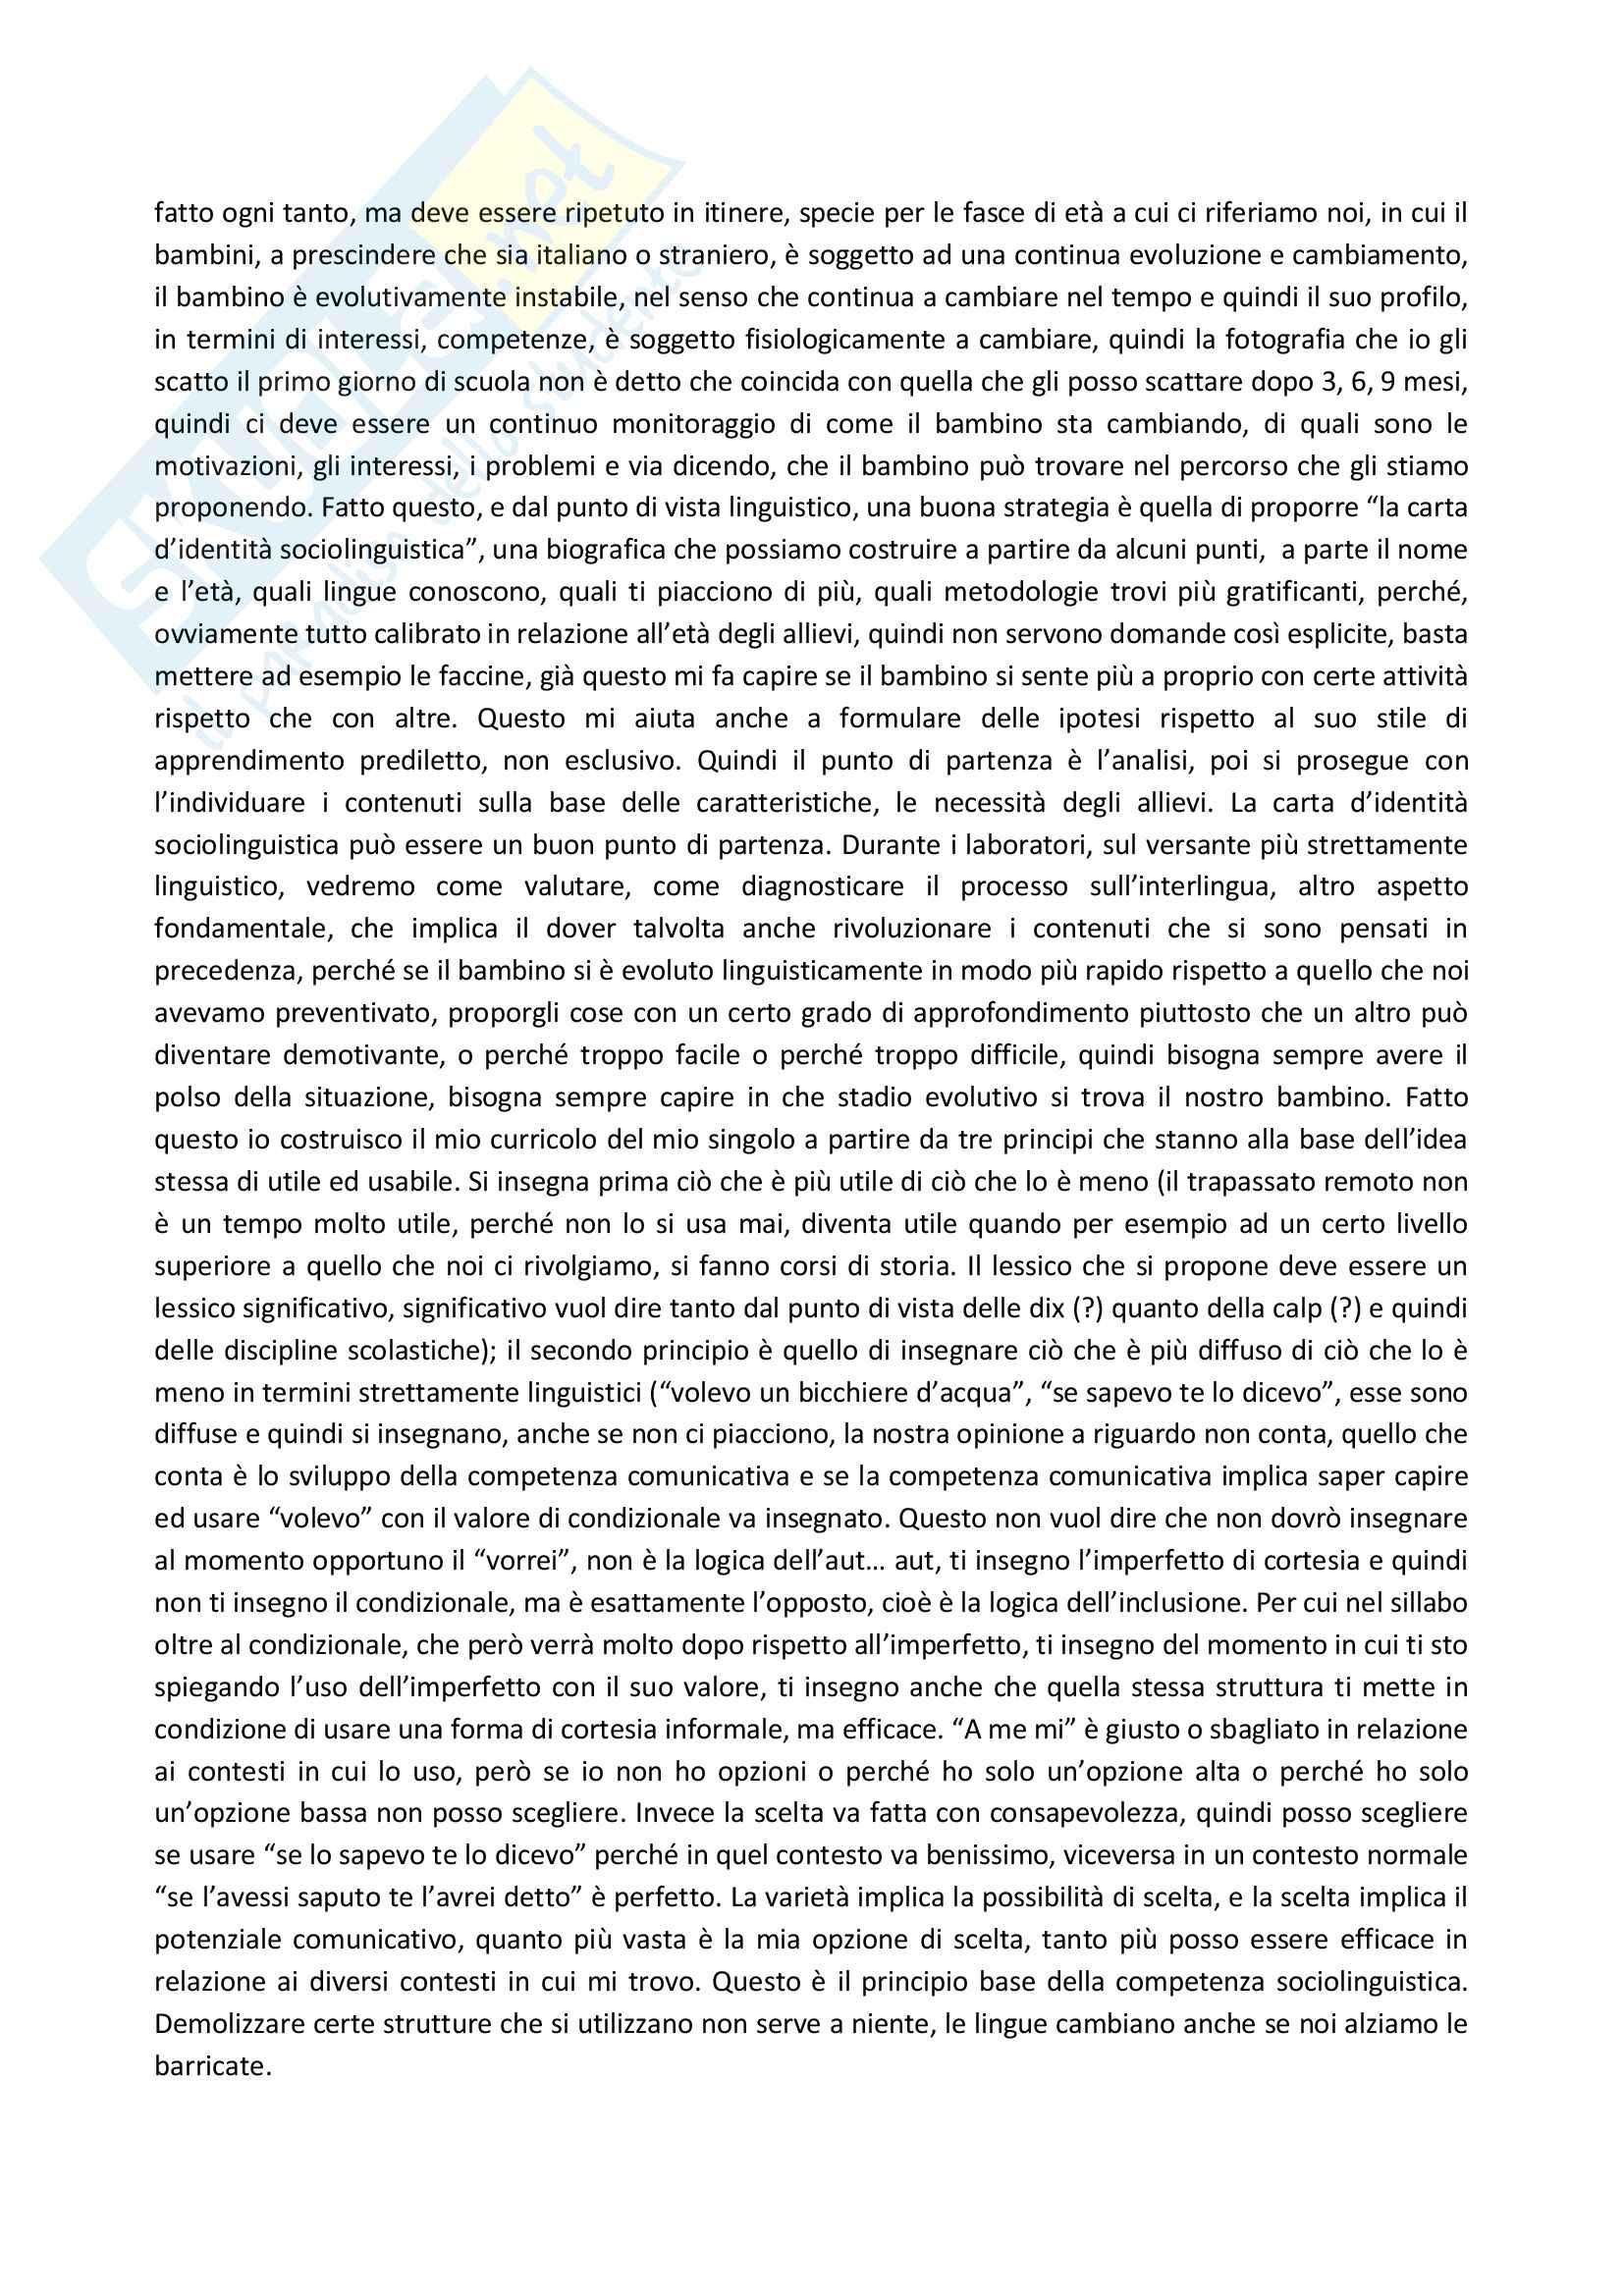 Appunti delle lezioni di Didattica dell'italiano L2 prof Santipolo Pag. 36